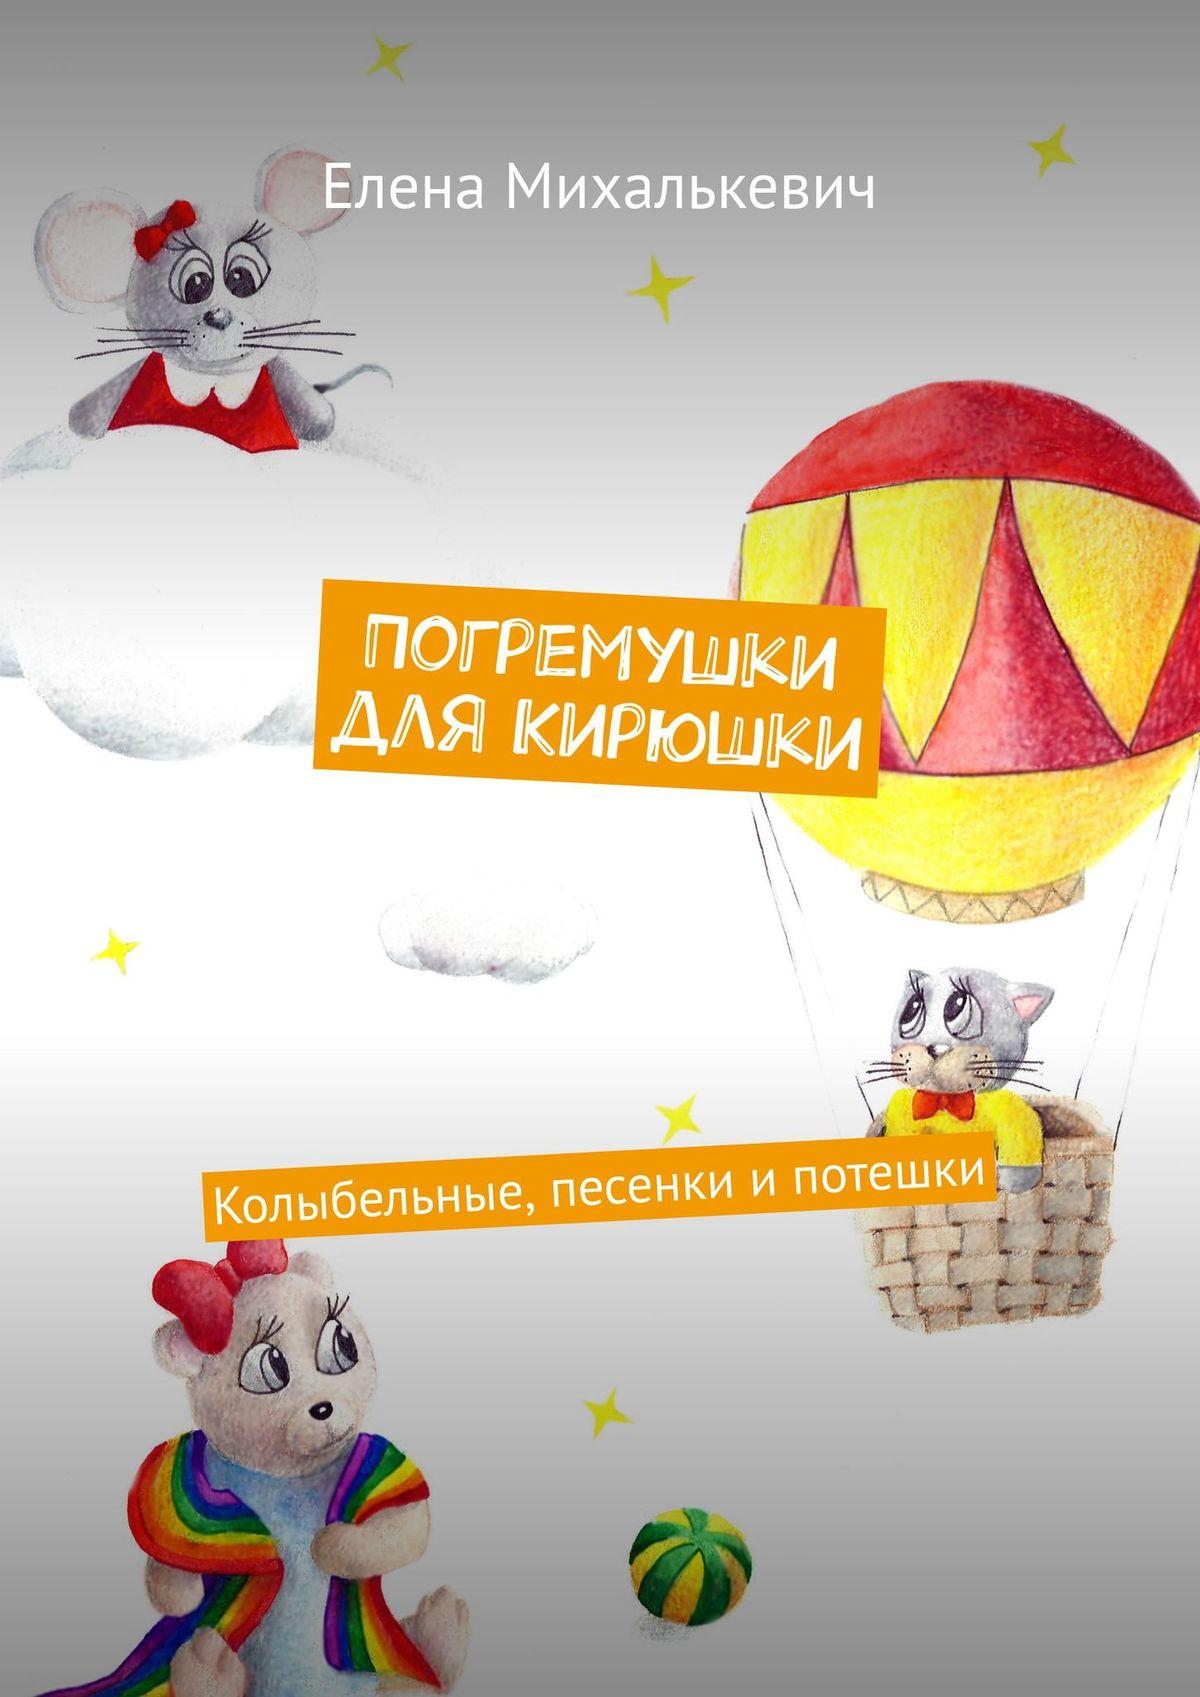 Елена Михалькевич Погремушки для Кирюшки. Колыбельные, песенки ипотешки цена